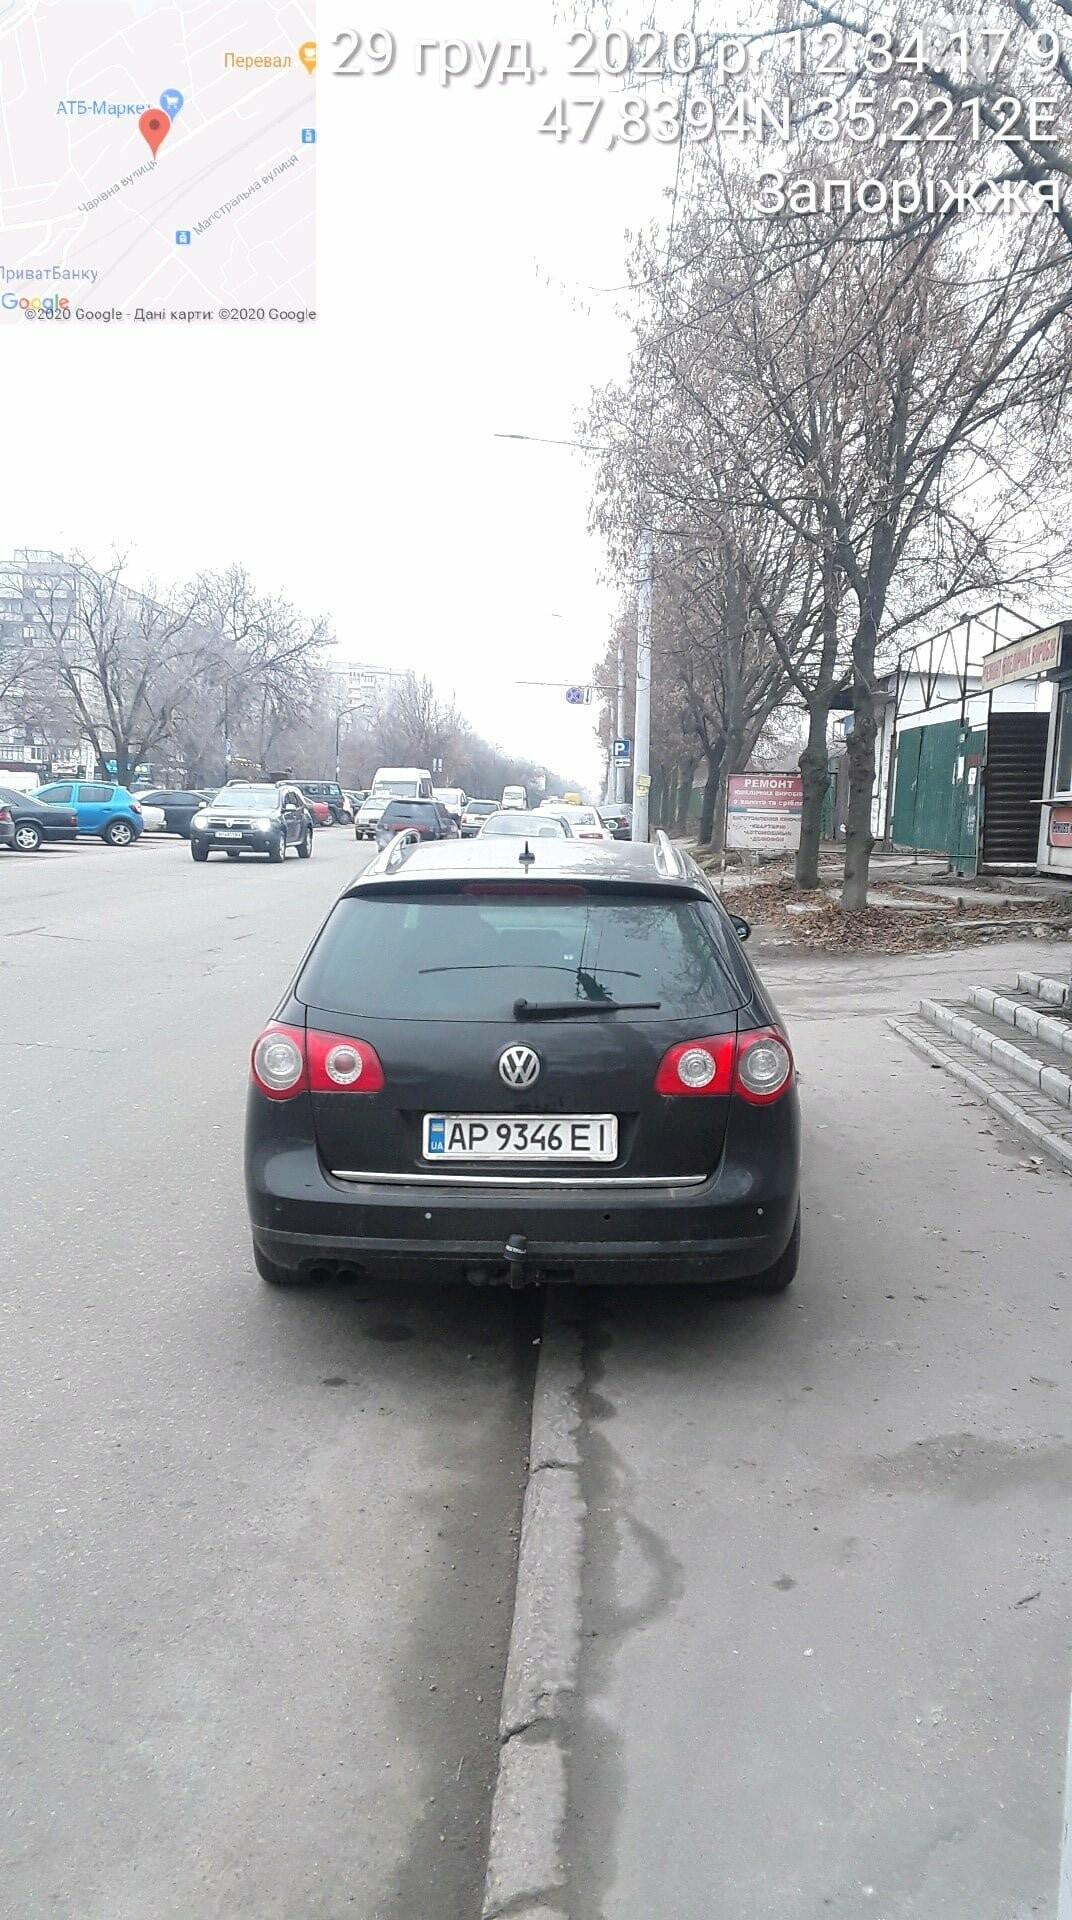 Знаки на меня не распространяются: водителю служебного авто госпредприятия выписали штраф за парковку в запрещенном месте  , фото-3